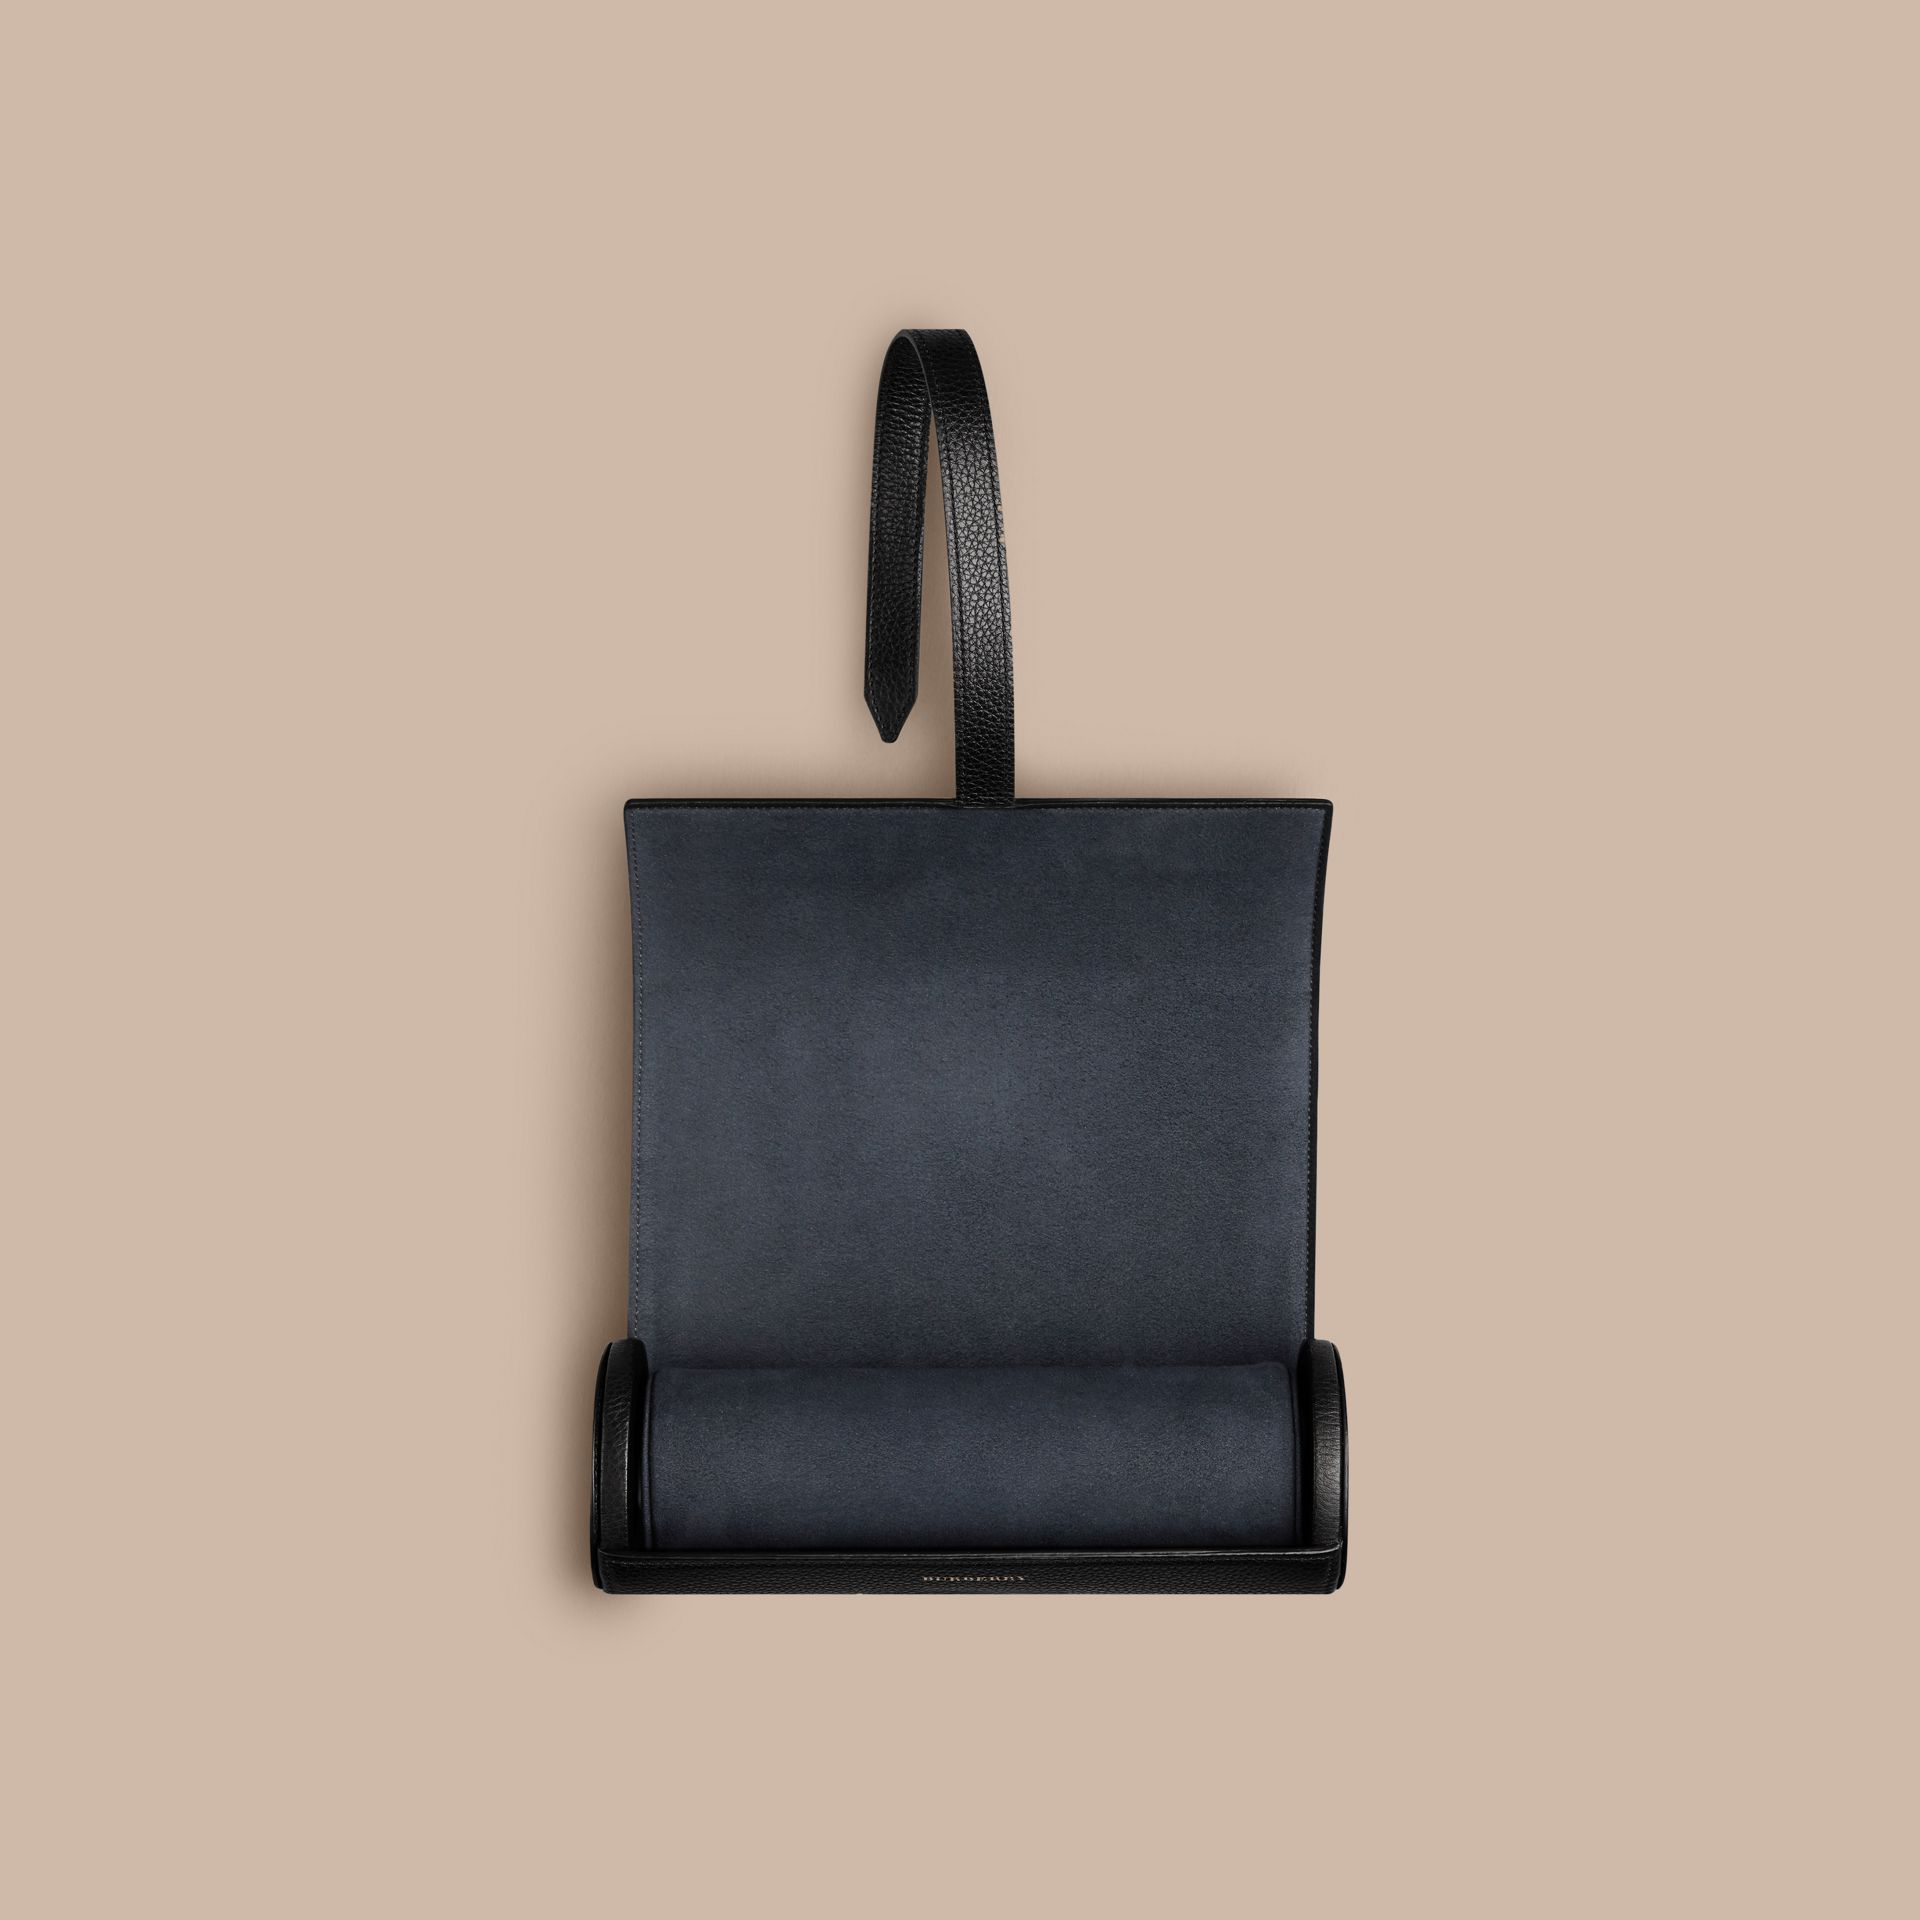 Nero Custodia per orologi in pelle a grana Nero - immagine della galleria 2